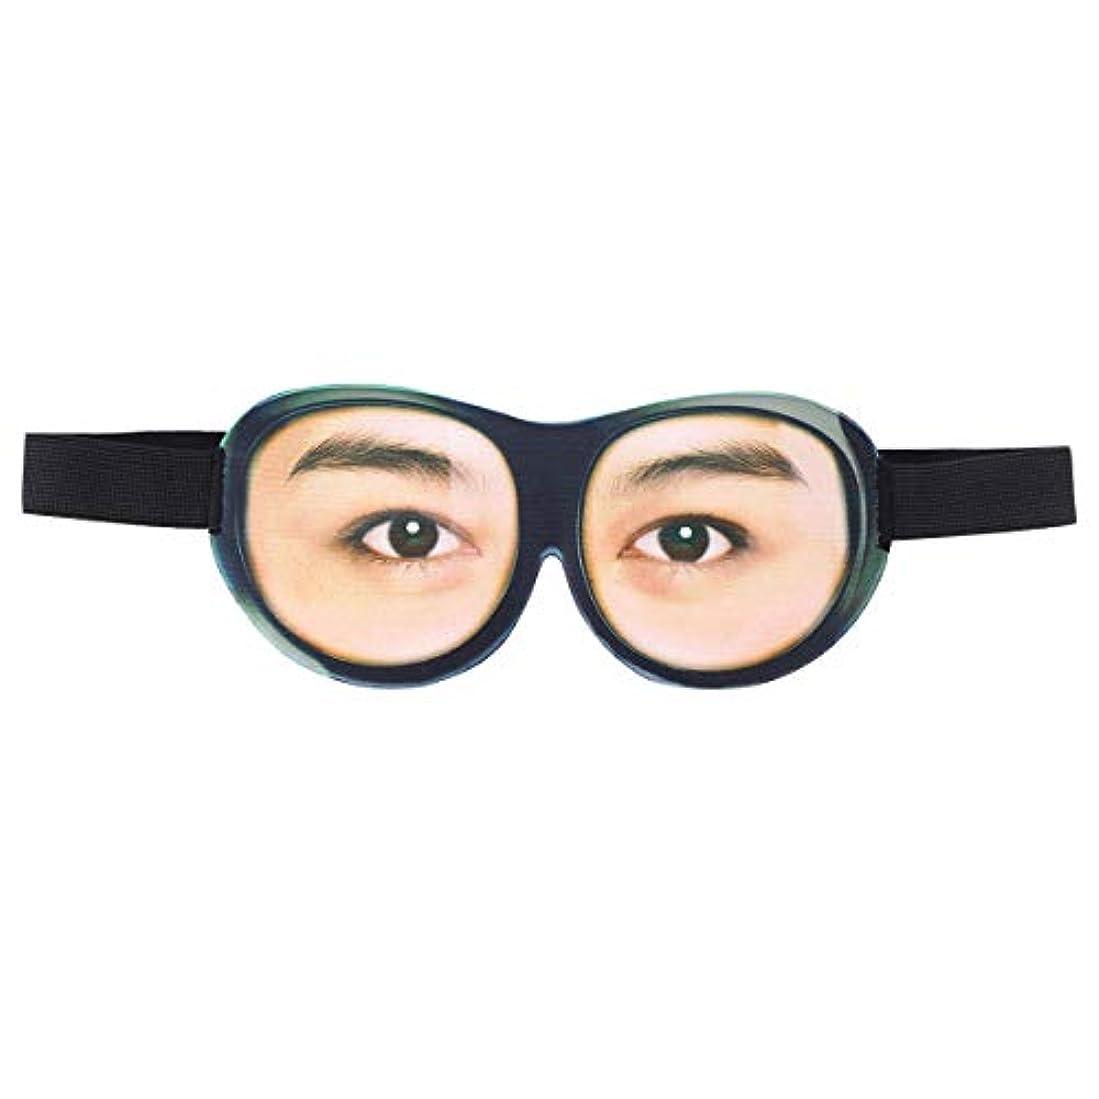 憂慮すべき遠いエコーSUPVOX 面白いアイシェード3Dスリープマスクブラインドパッチアイマスク目隠し